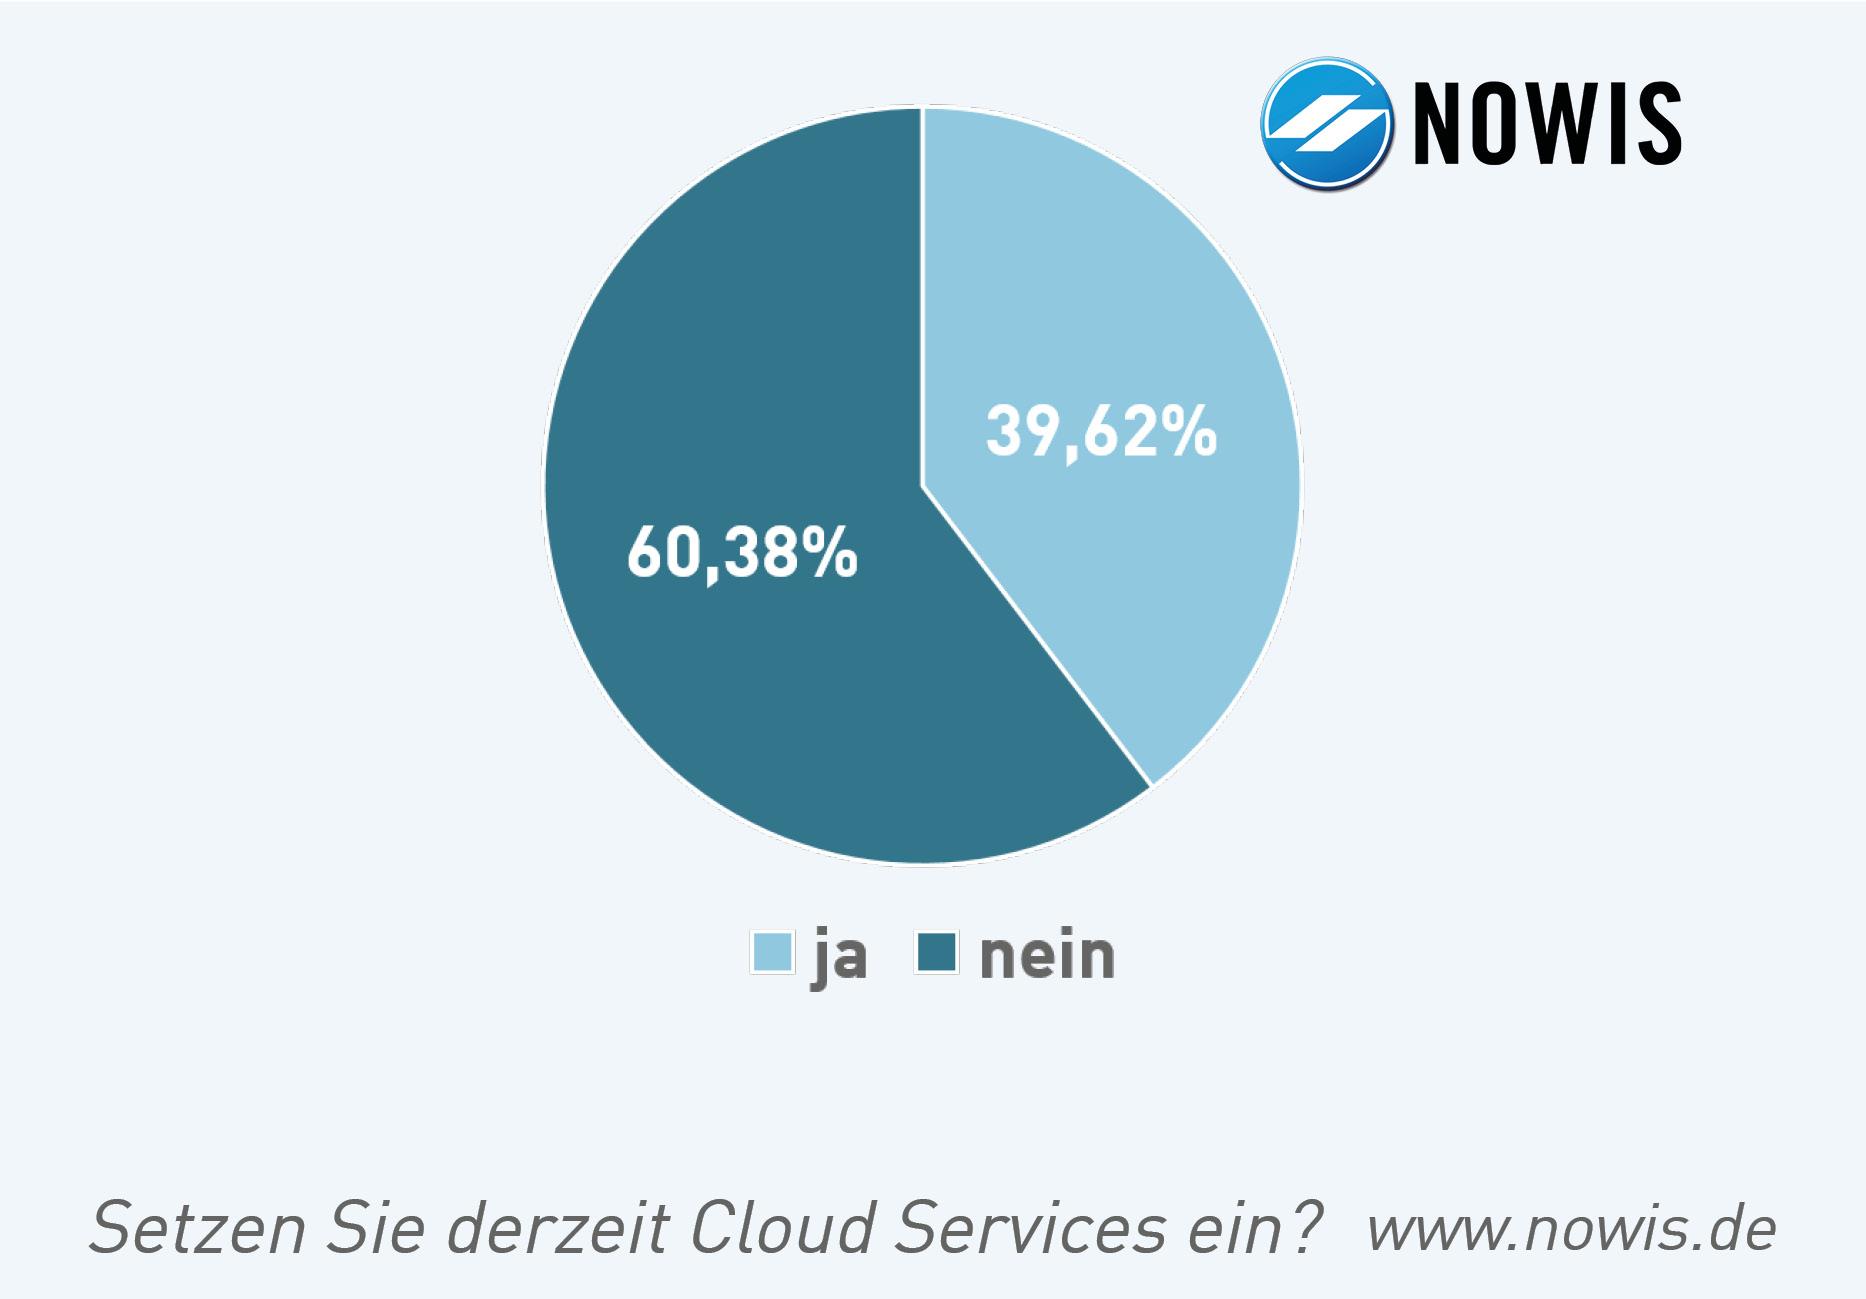 NOWIS Stu 2017 Grafik02 Cloud ja oder nein